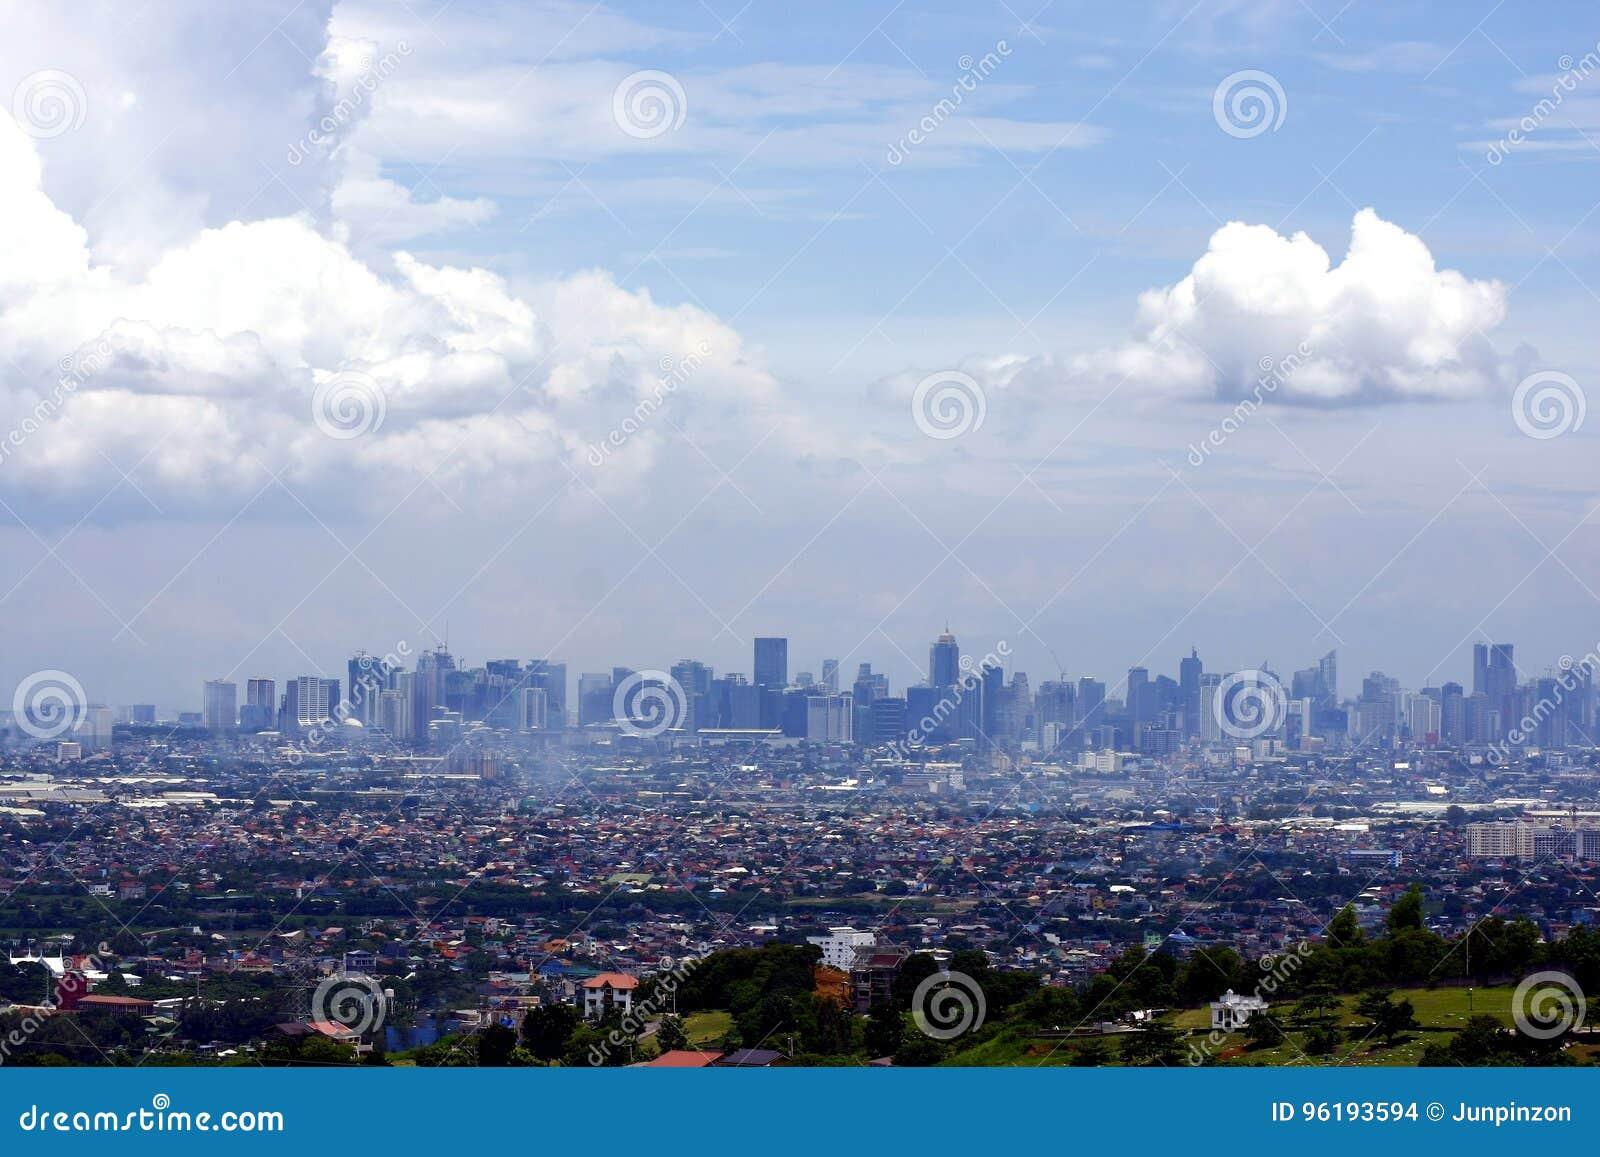 En flyg- sikt av kommersiella och bostads- byggnader och etableringar i städerna av Cainta, Taytay, Pasig, Makati och Taguig